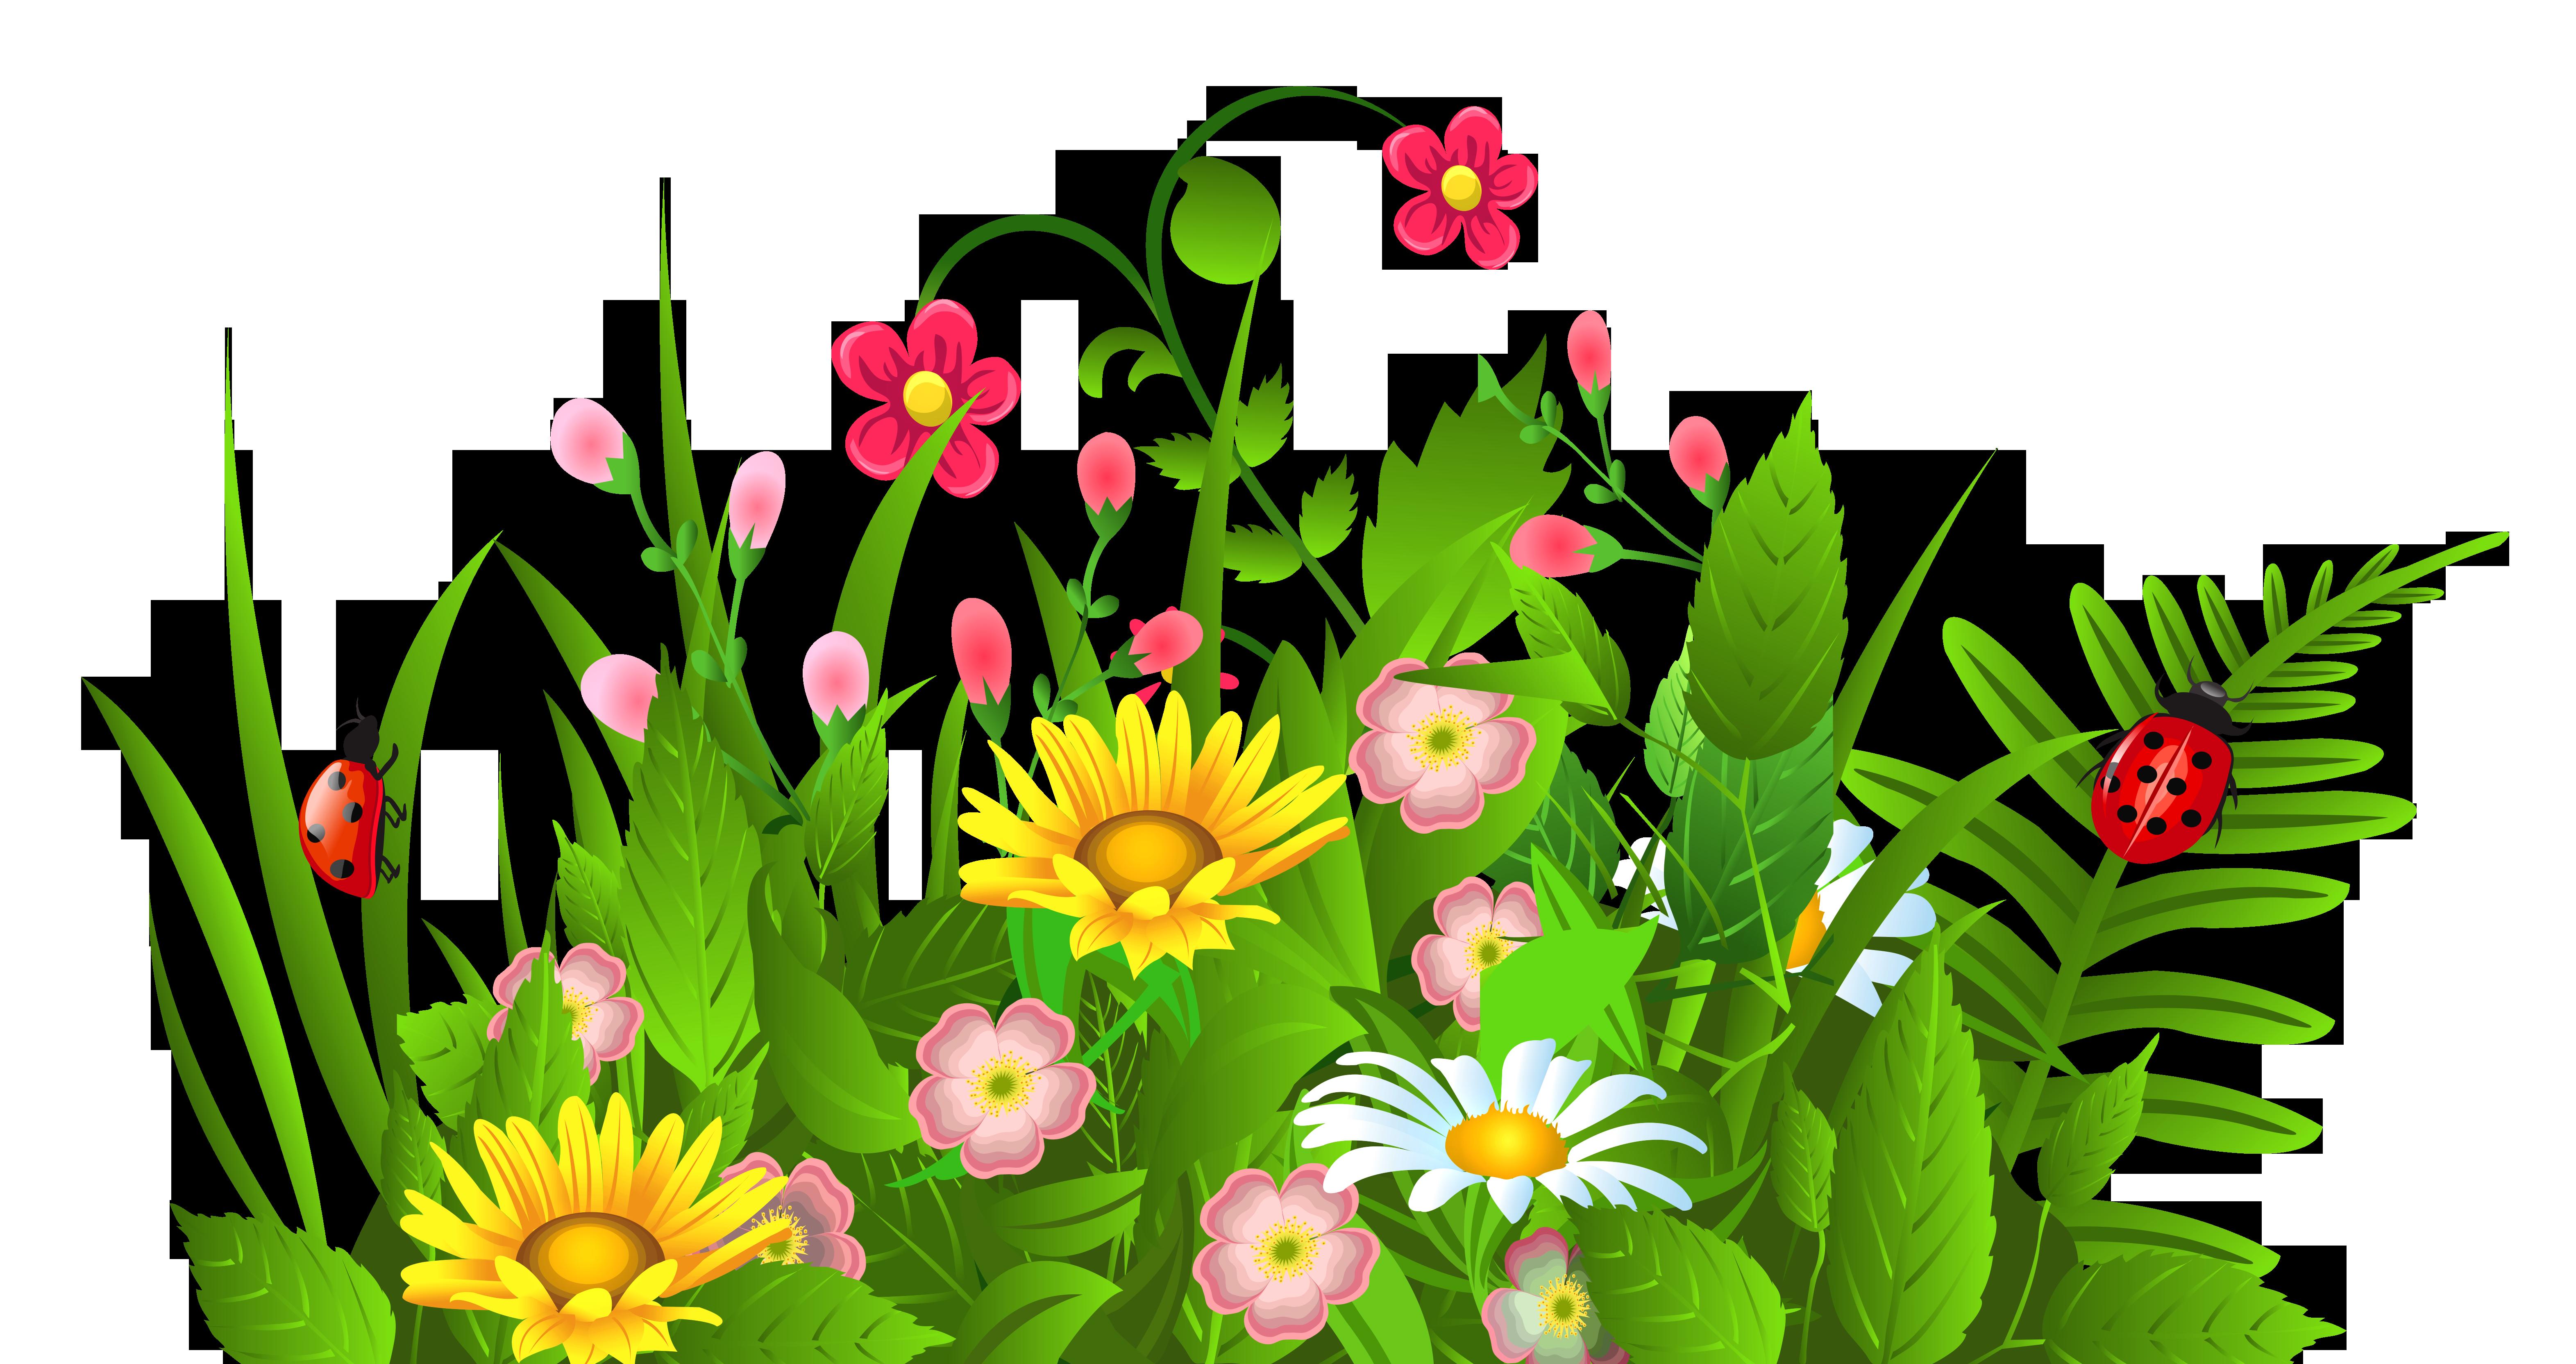 6287x3328 Flowers Clip Art Free Clipart Images Clipartwiz 2